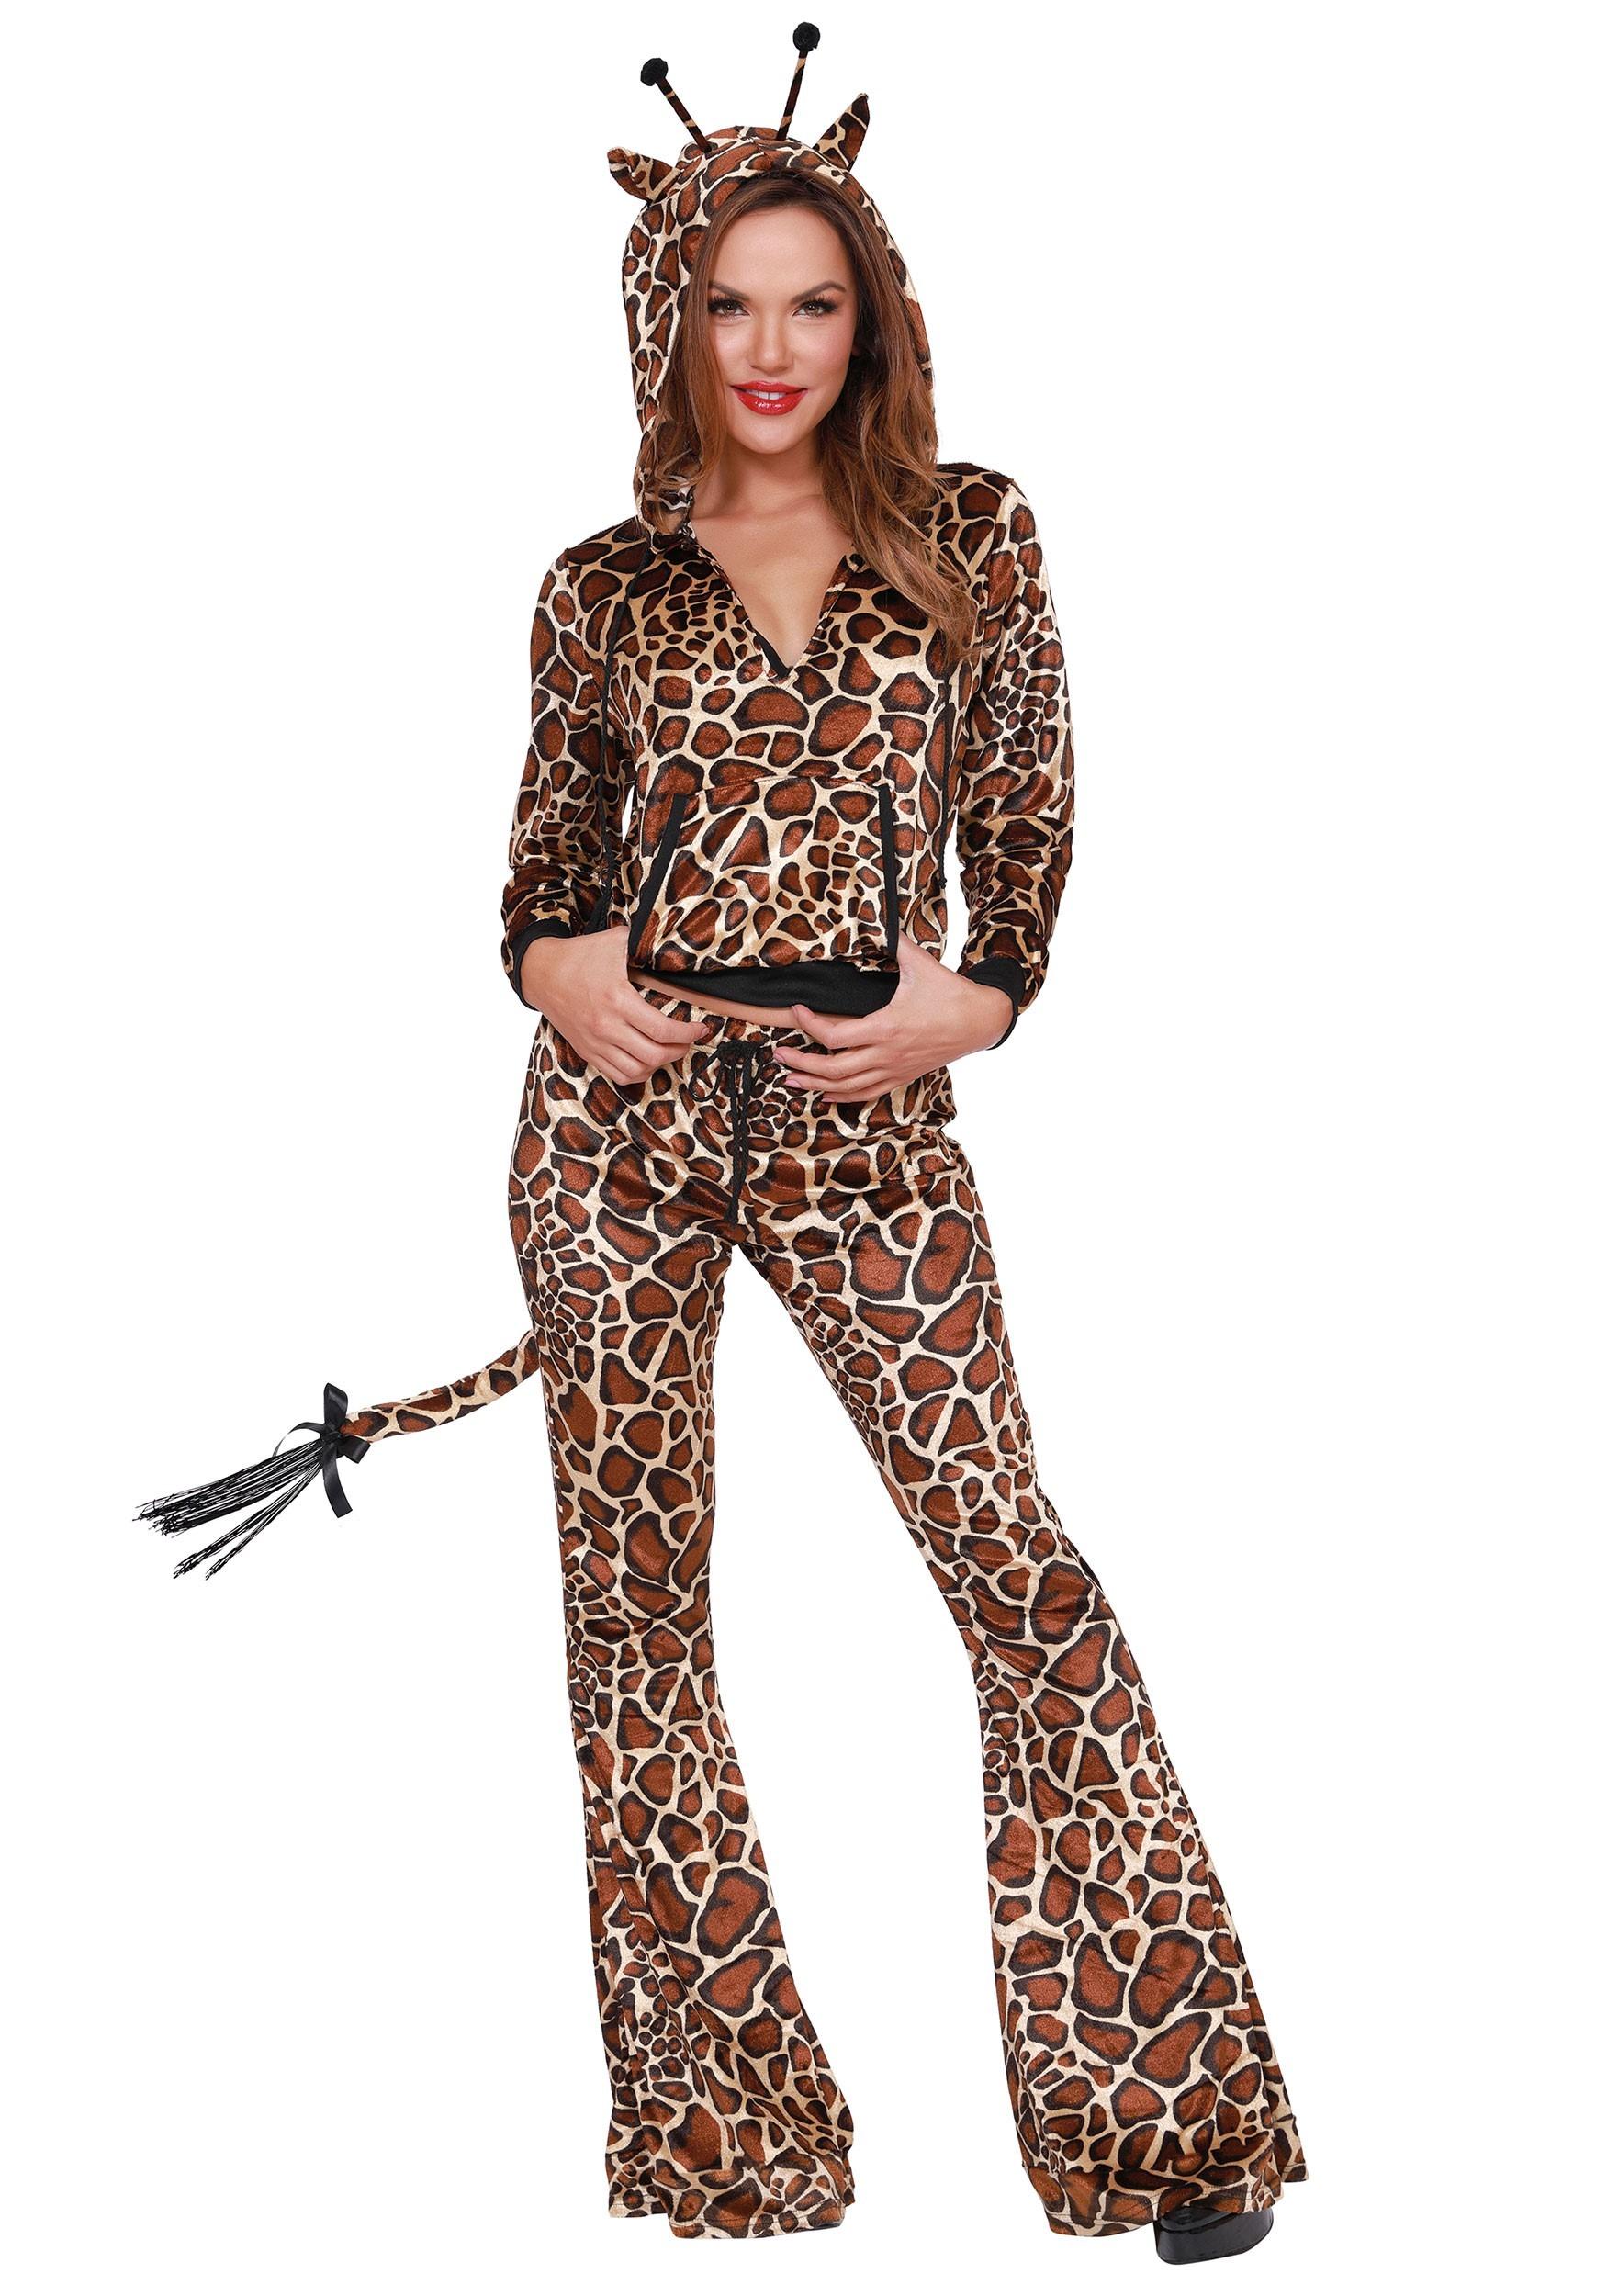 Women's Giraffe Costume